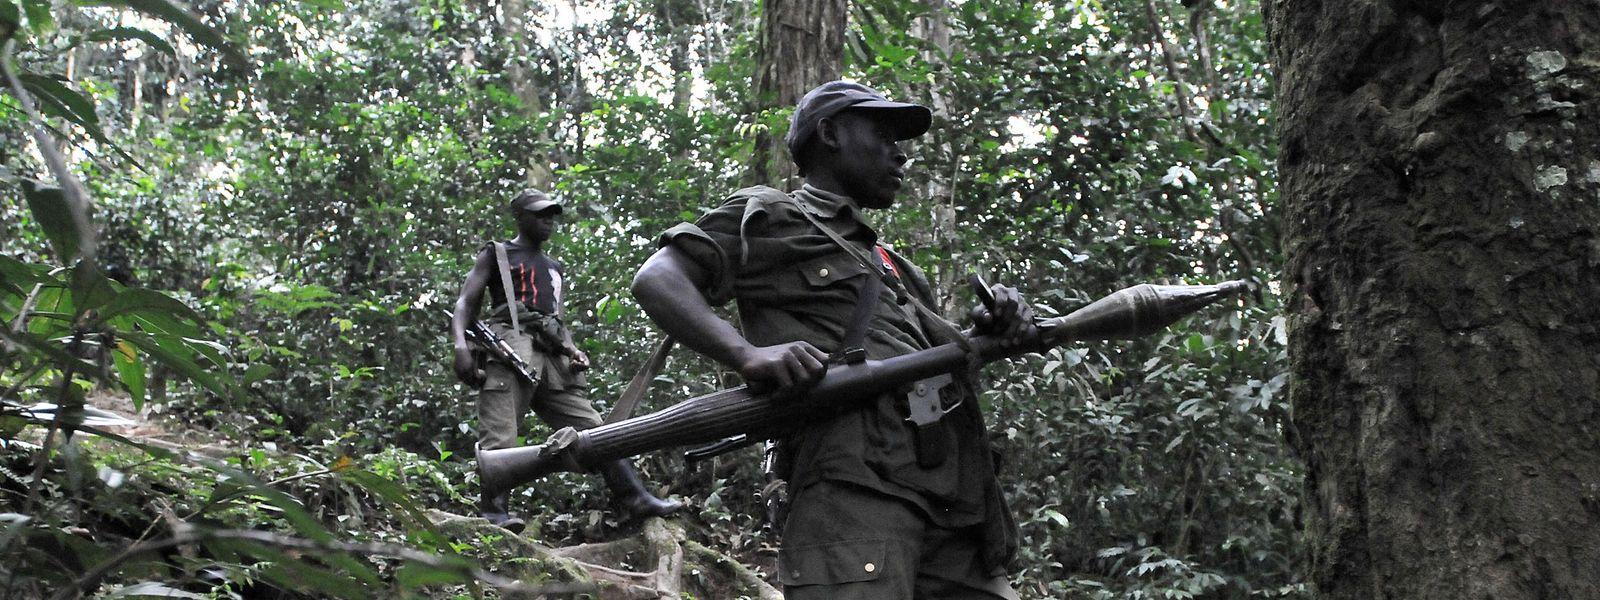 Schwer bewaffnete ruandische Hutu-Rebellen patrouillieren im dichten Urwald.